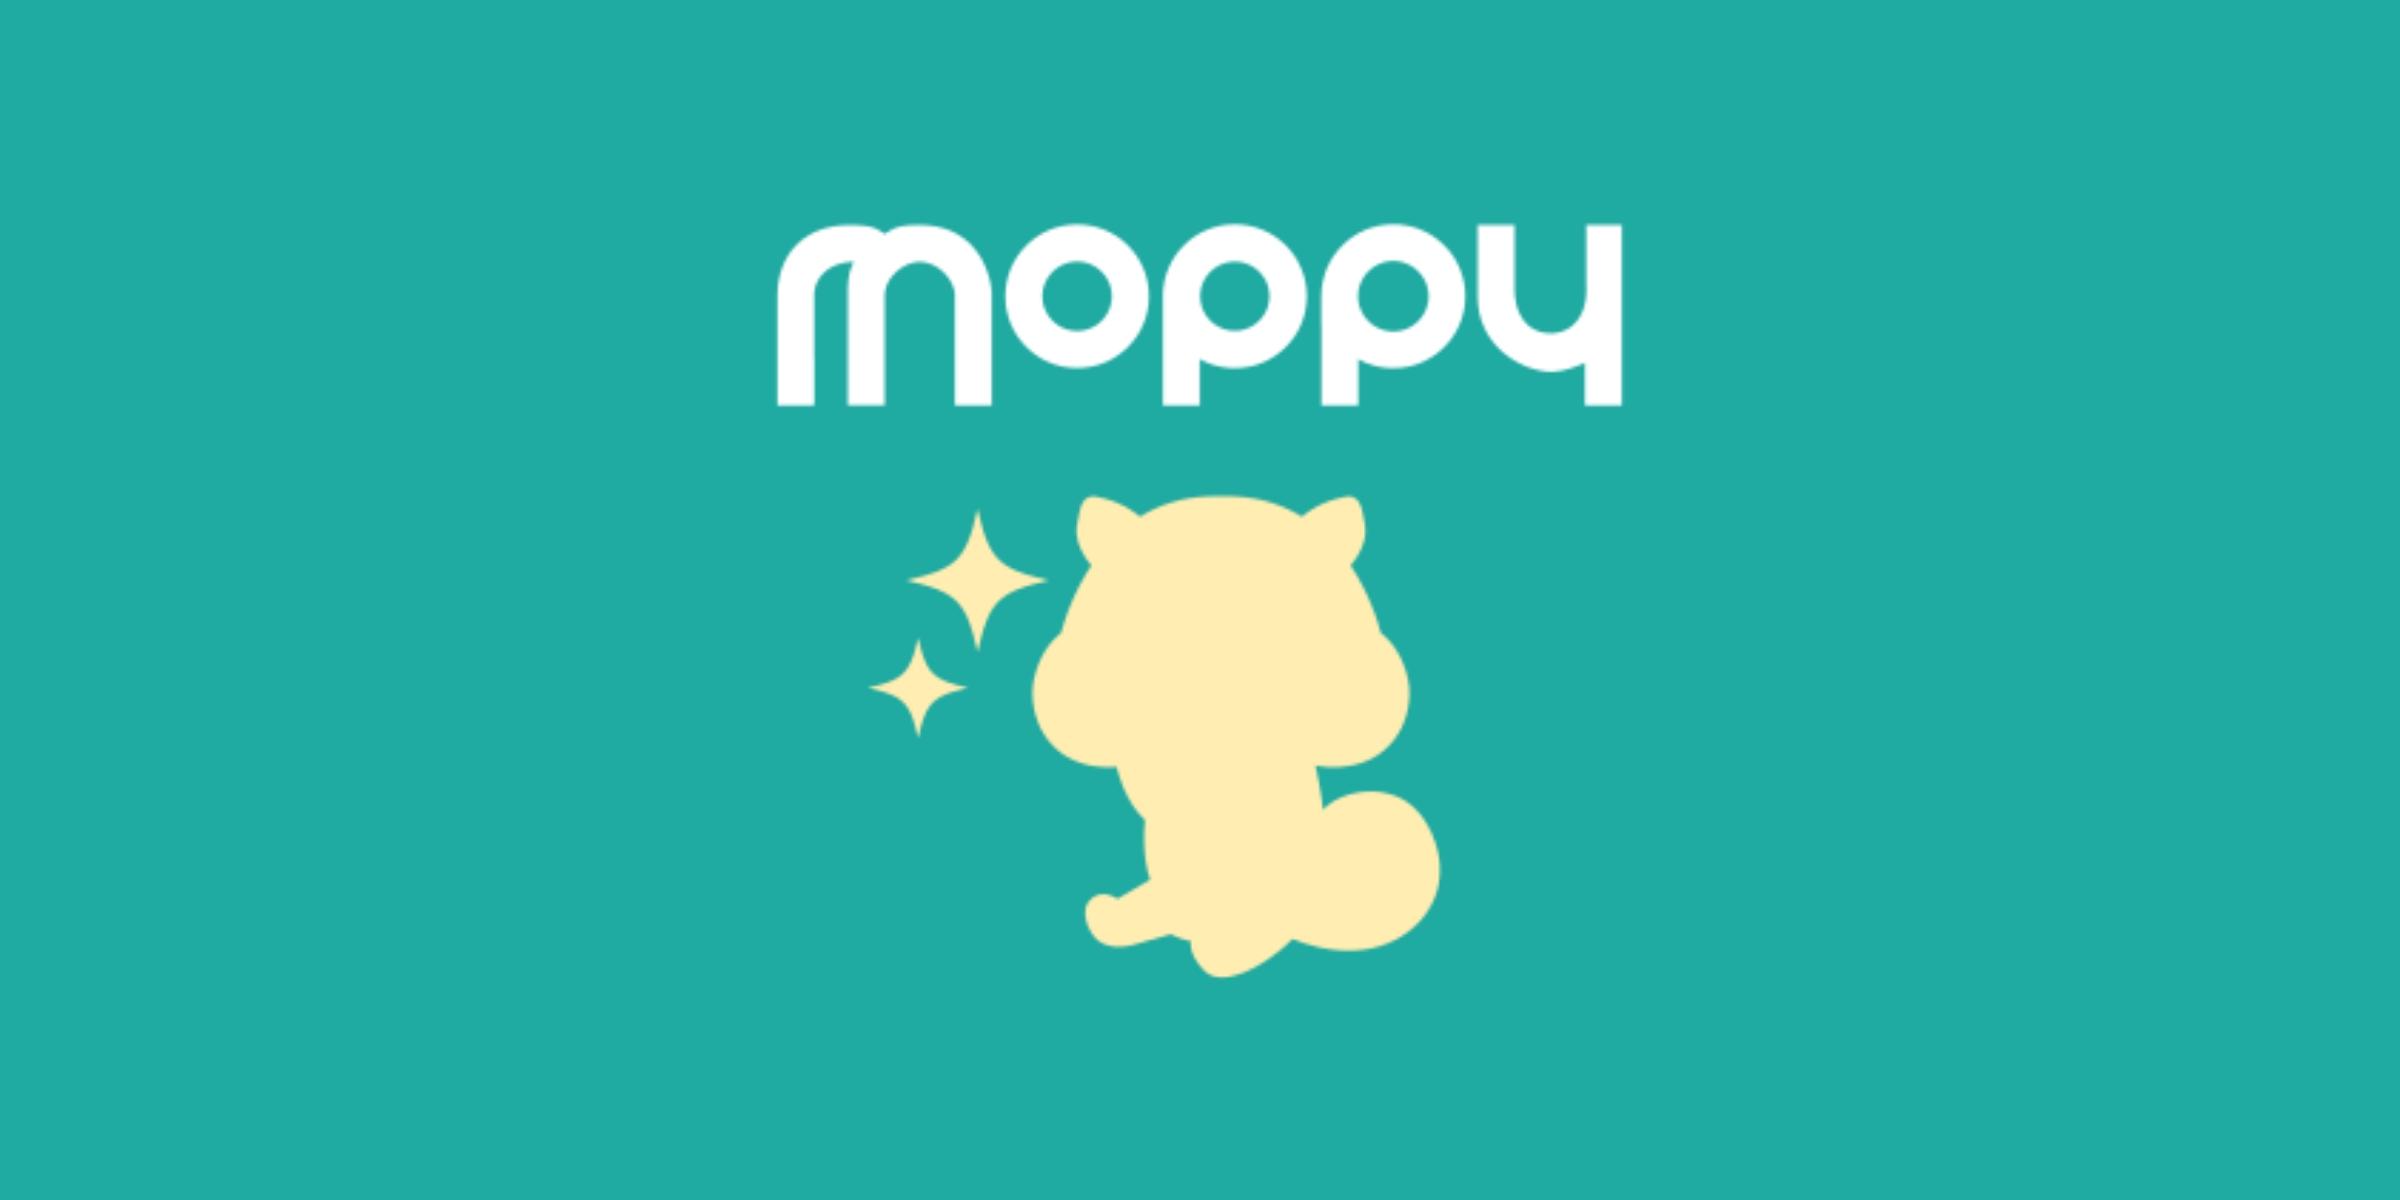 ポイ活始めるなら『moppy(モッピー)』!どんなサイトかサクッと解説!